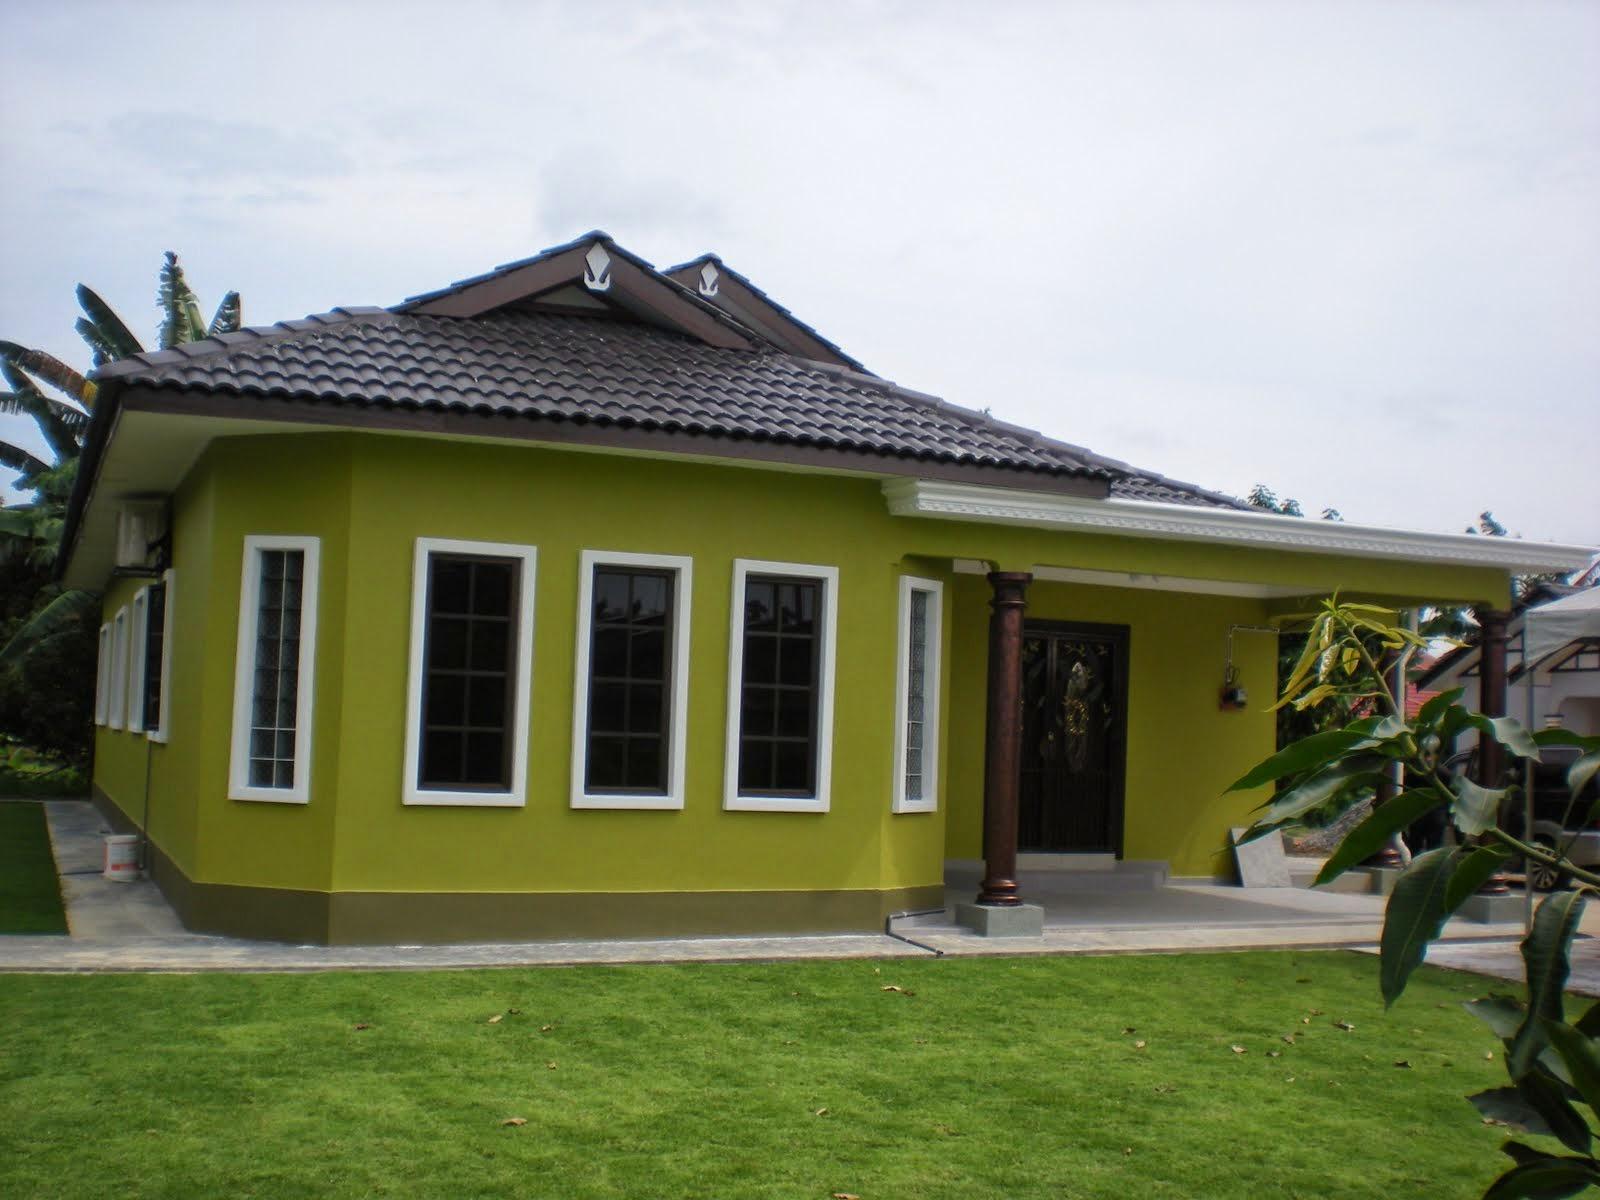 Rumah Warna Cat Coklat Muda - Rumah Minion